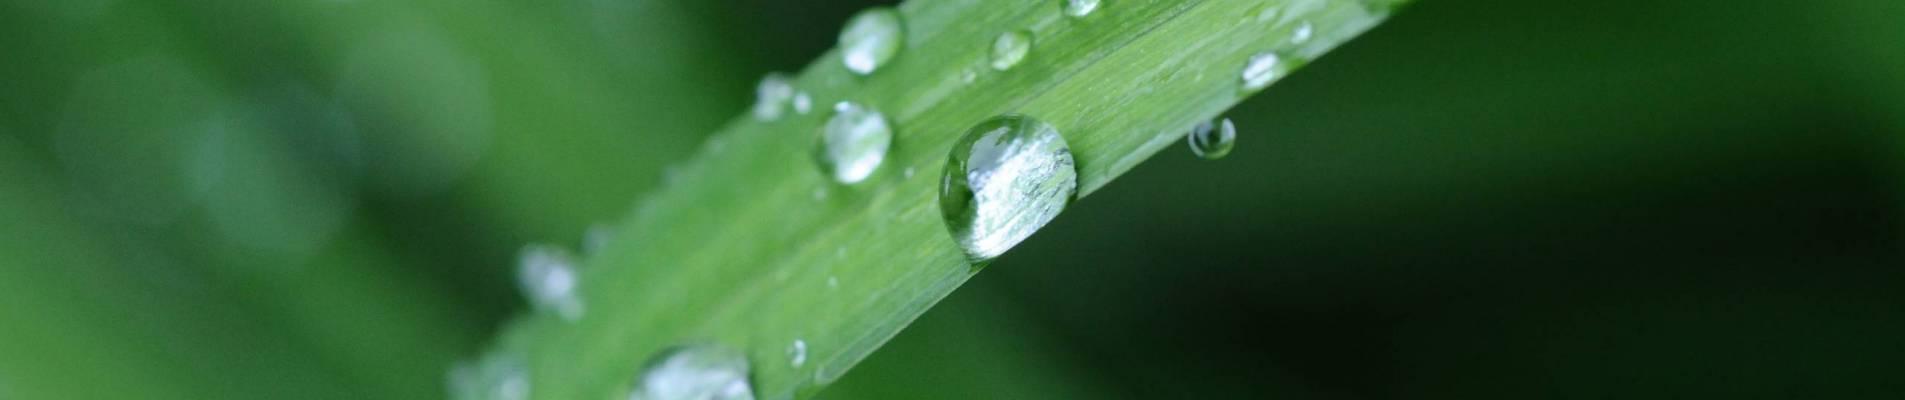 Récupération d'eaux pluviales